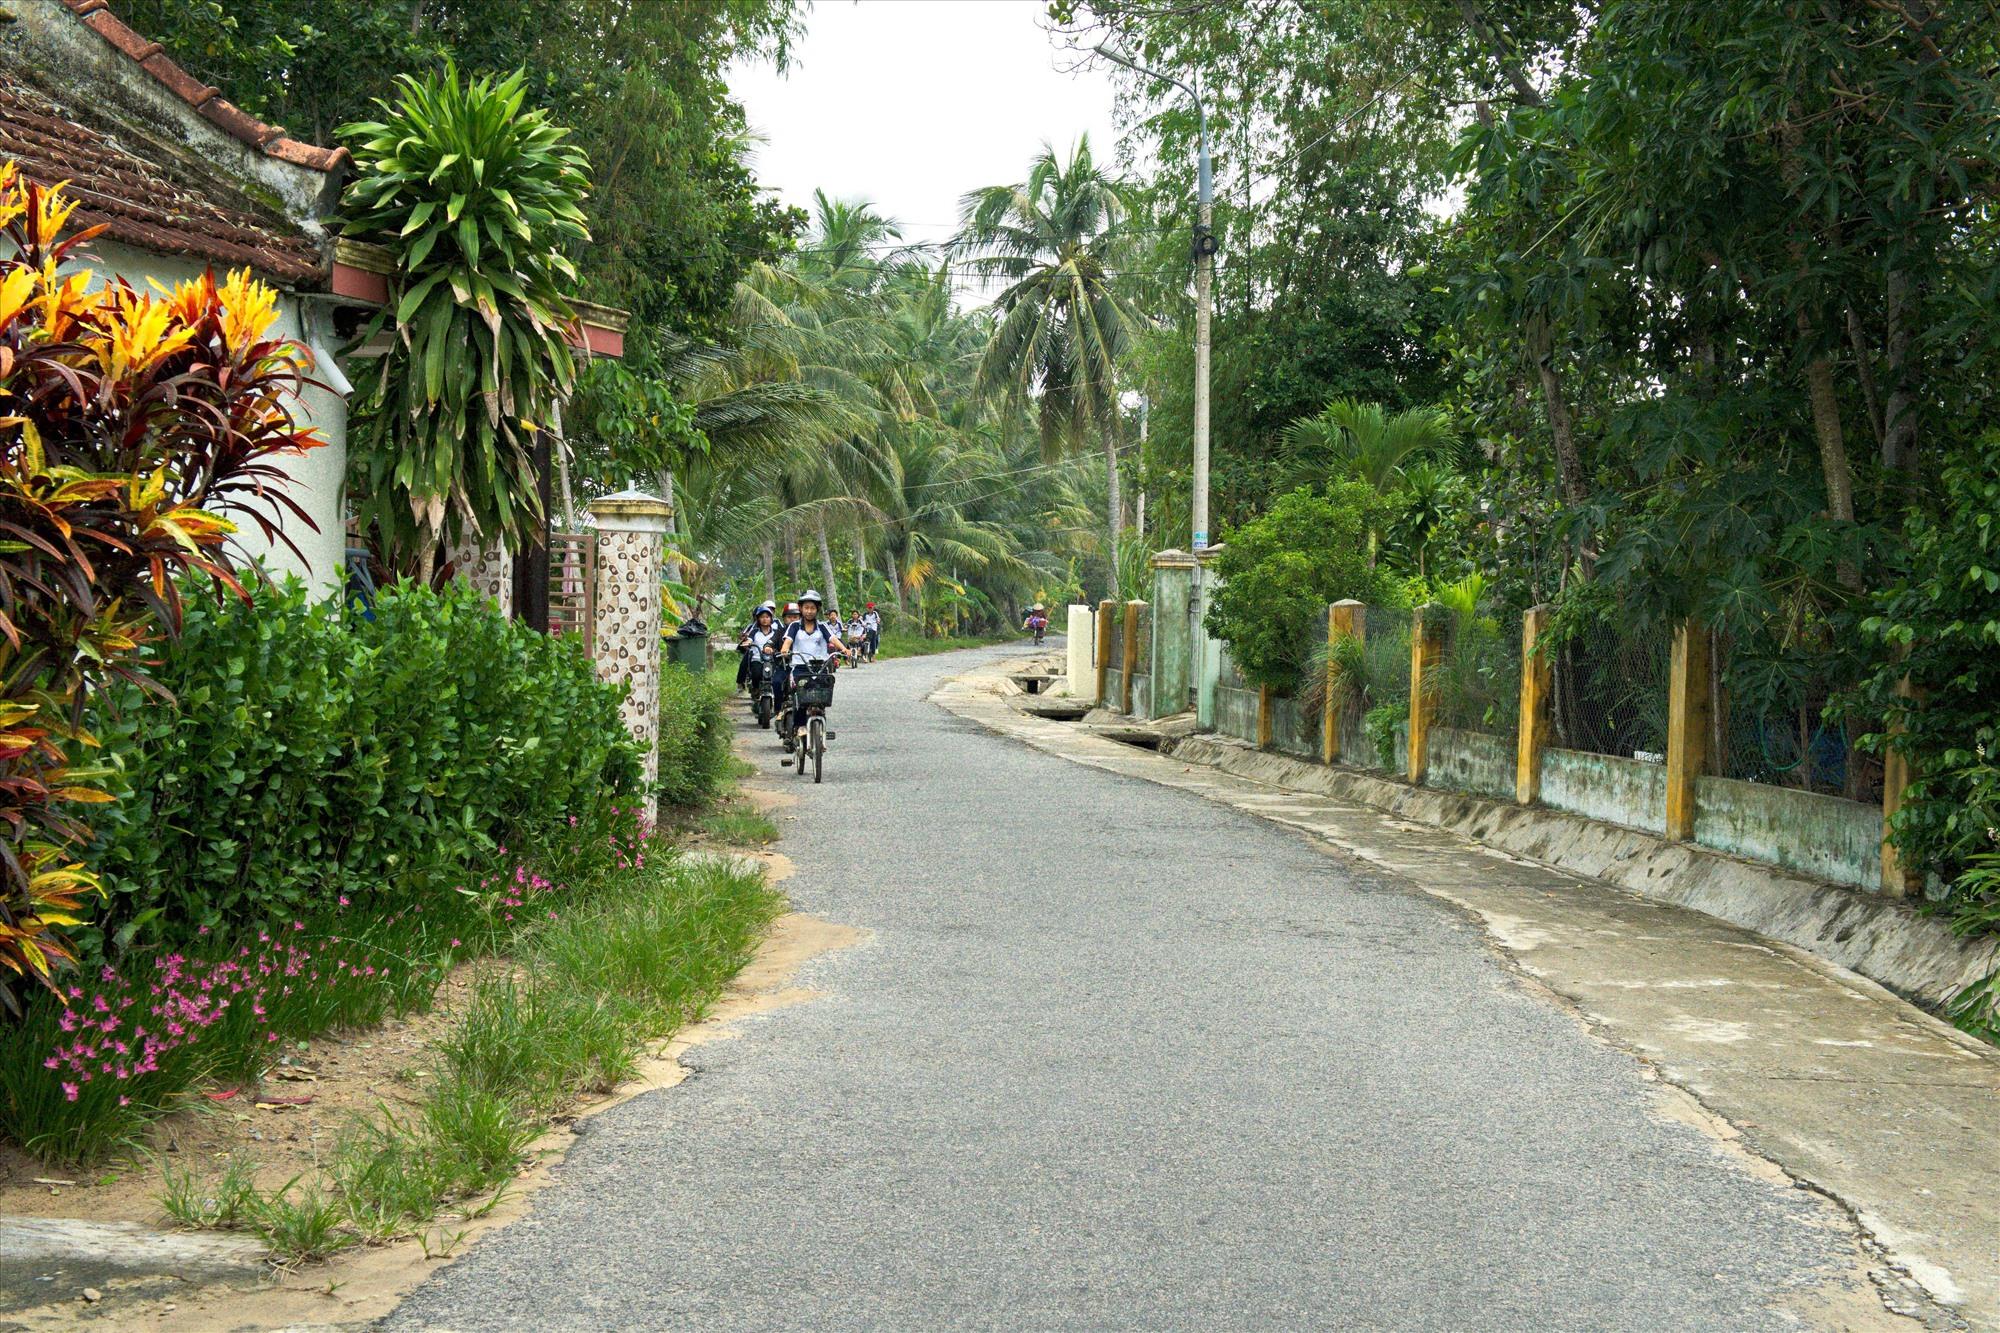 Đường làng, ngõ xóm ở Tam Tiến được đầu tư xây dựng khang trang, sạch đẹp. Ảnh: NGUYỄN ĐIỆN NGỌC